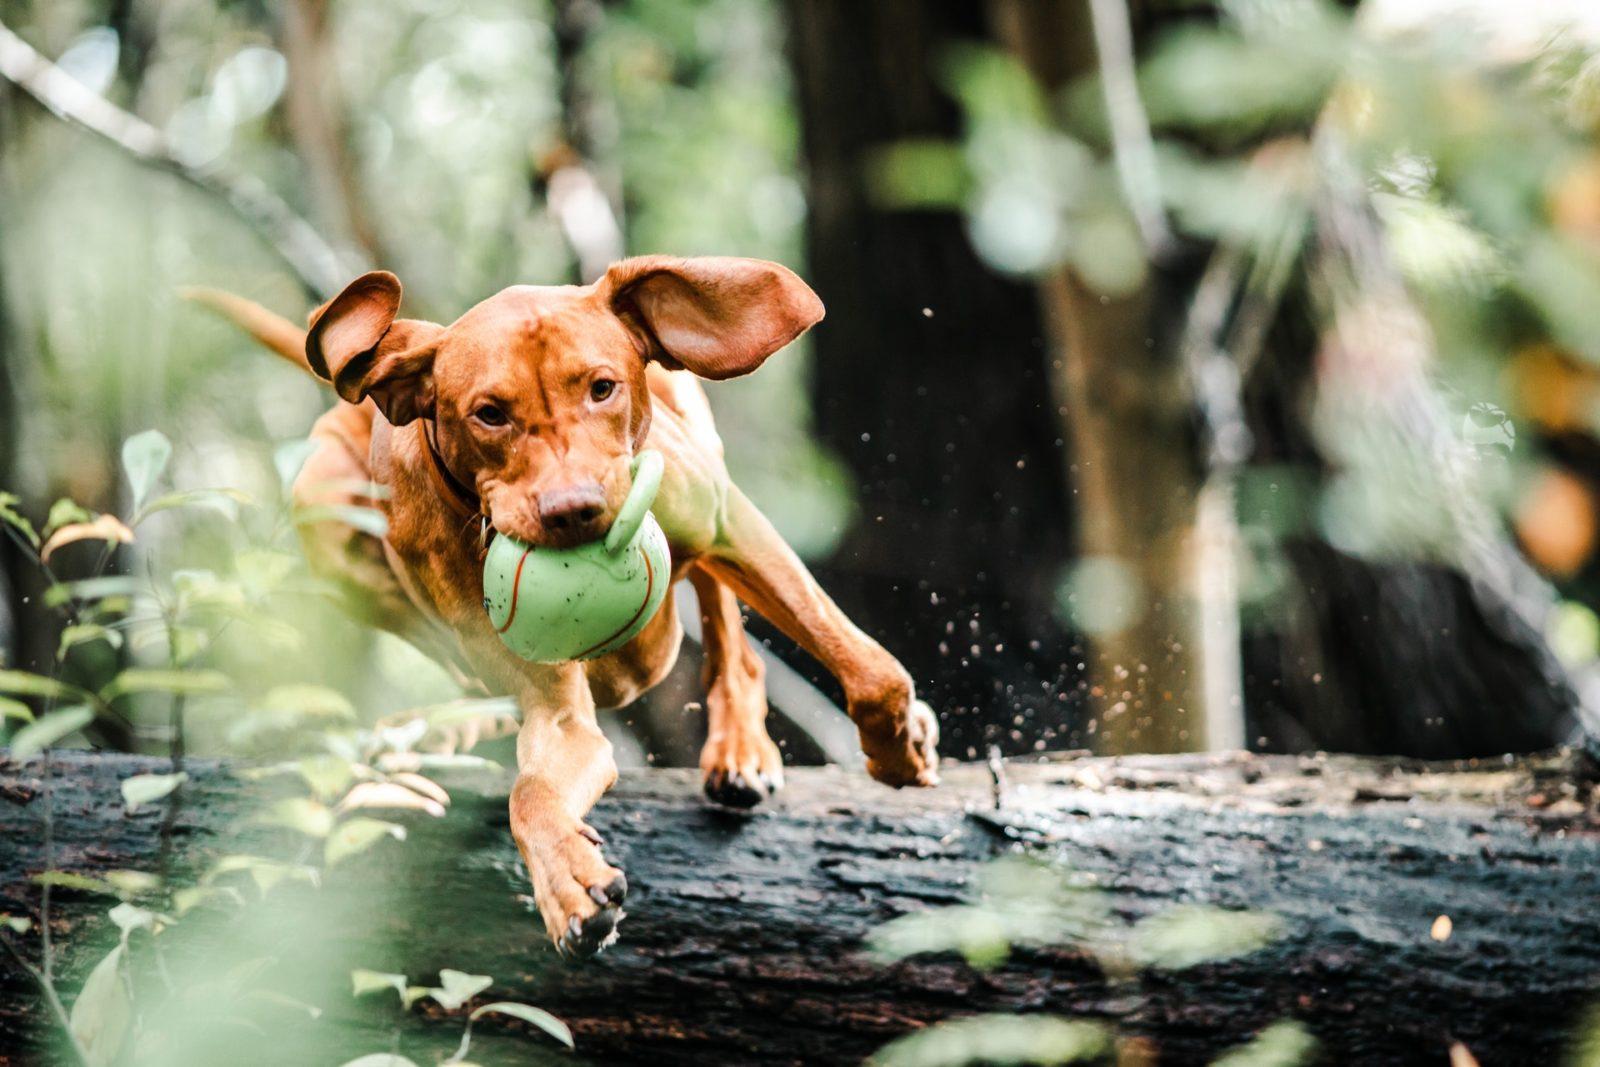 cachorro correndo na floresta com bola de brinquedo na boca